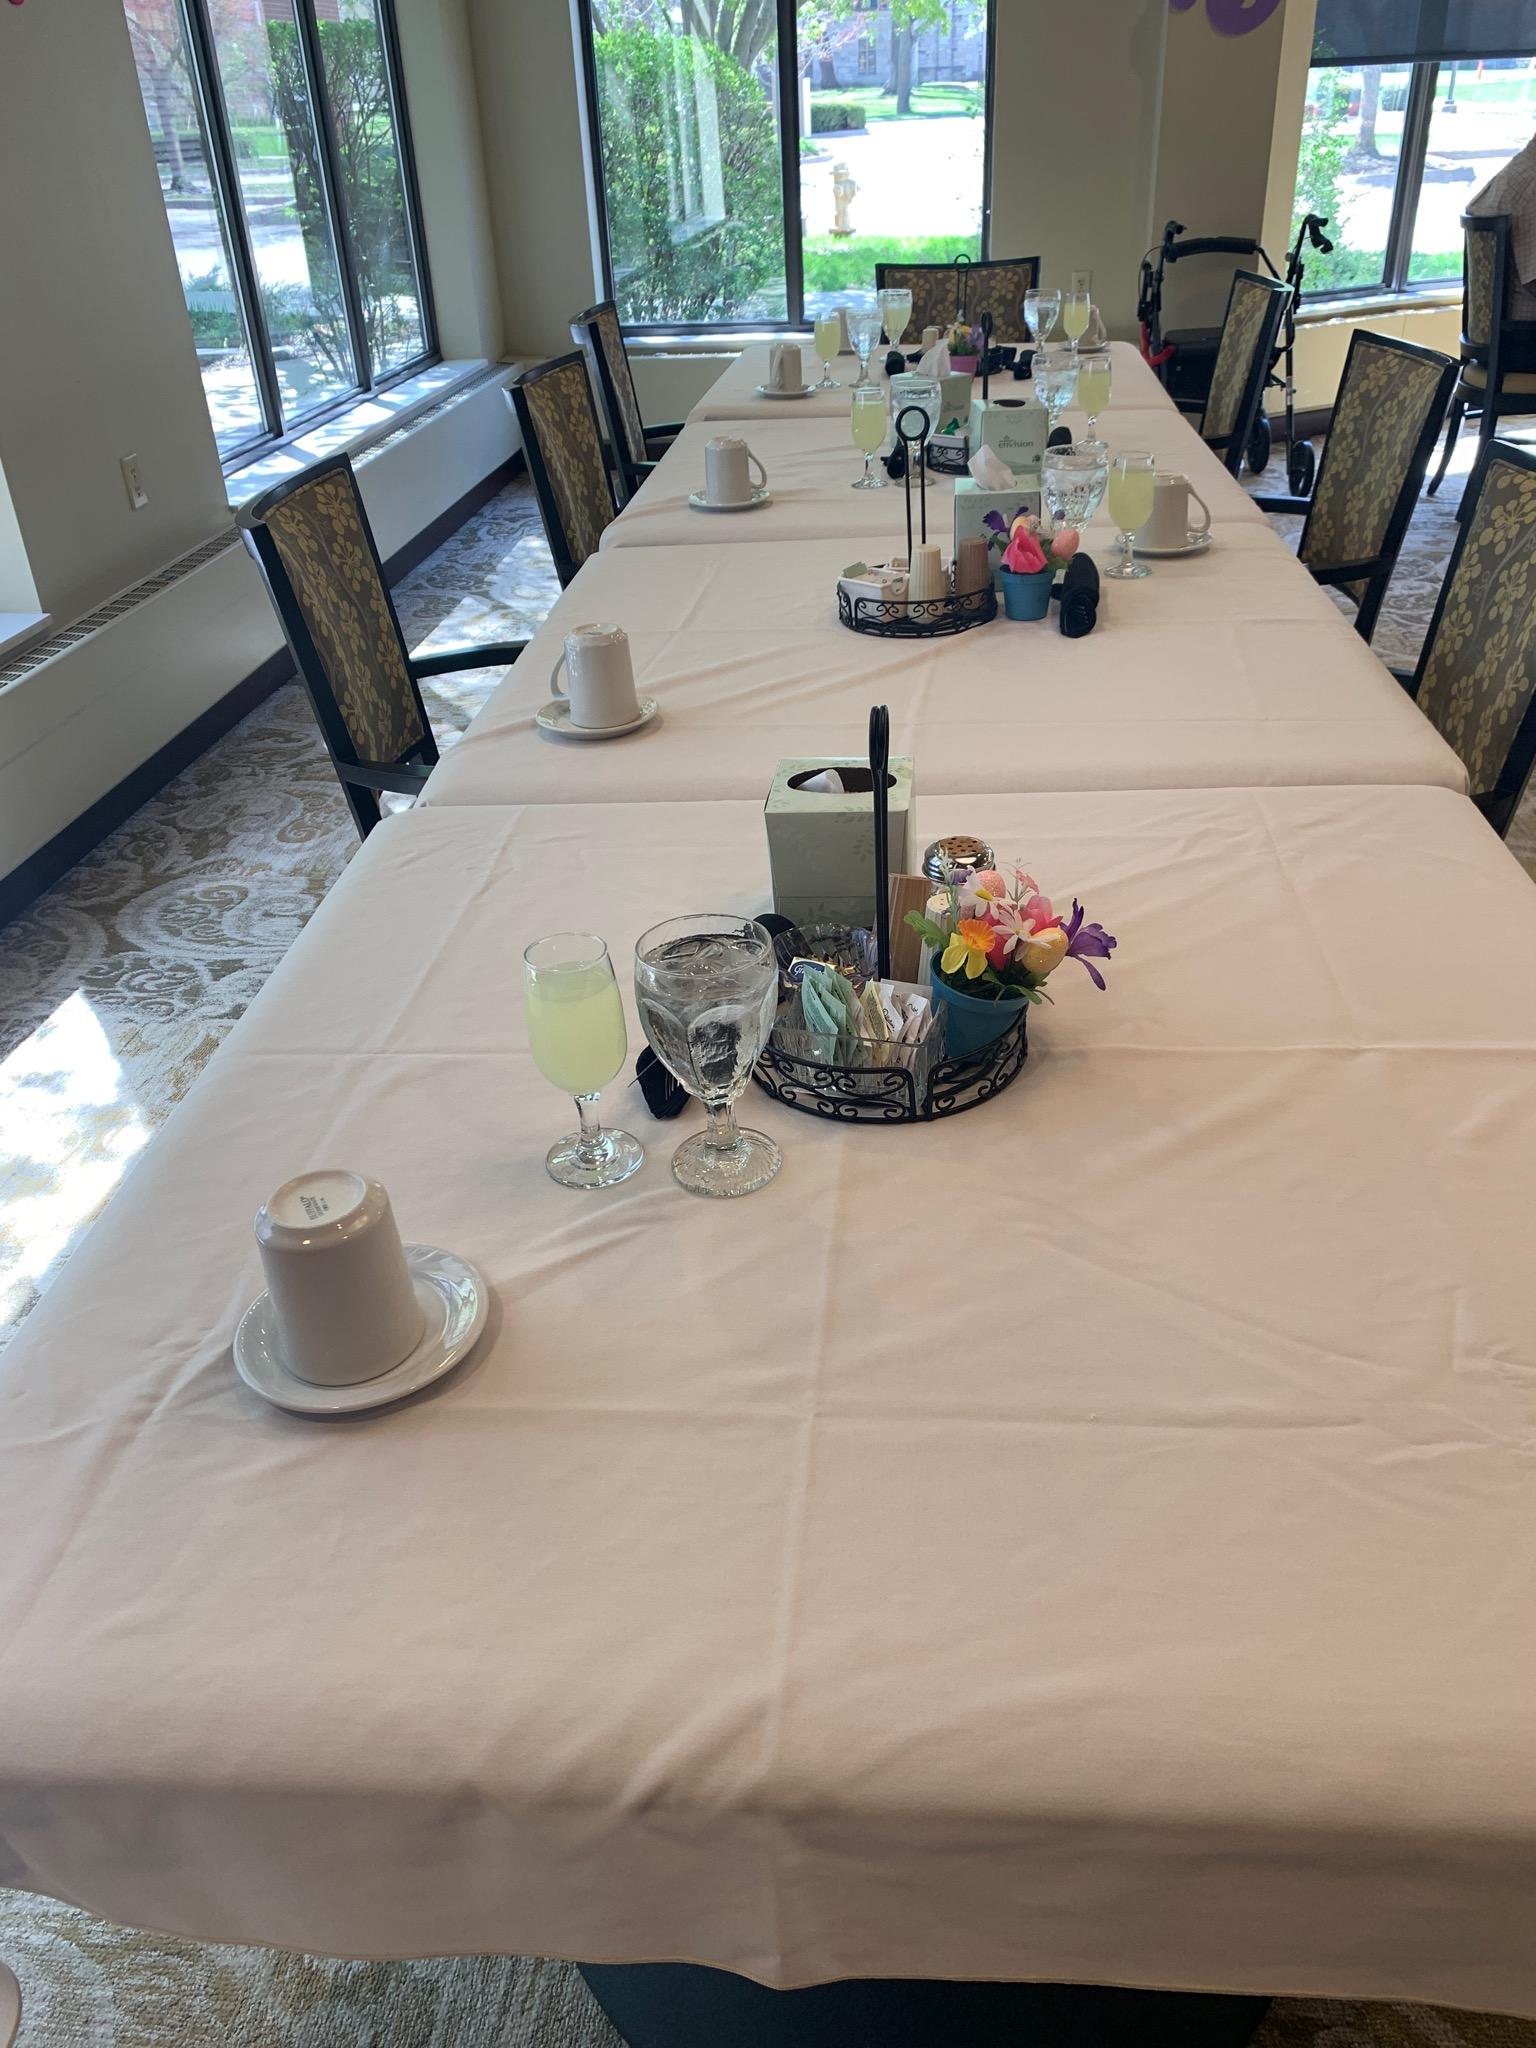 Ready for Easter dinner